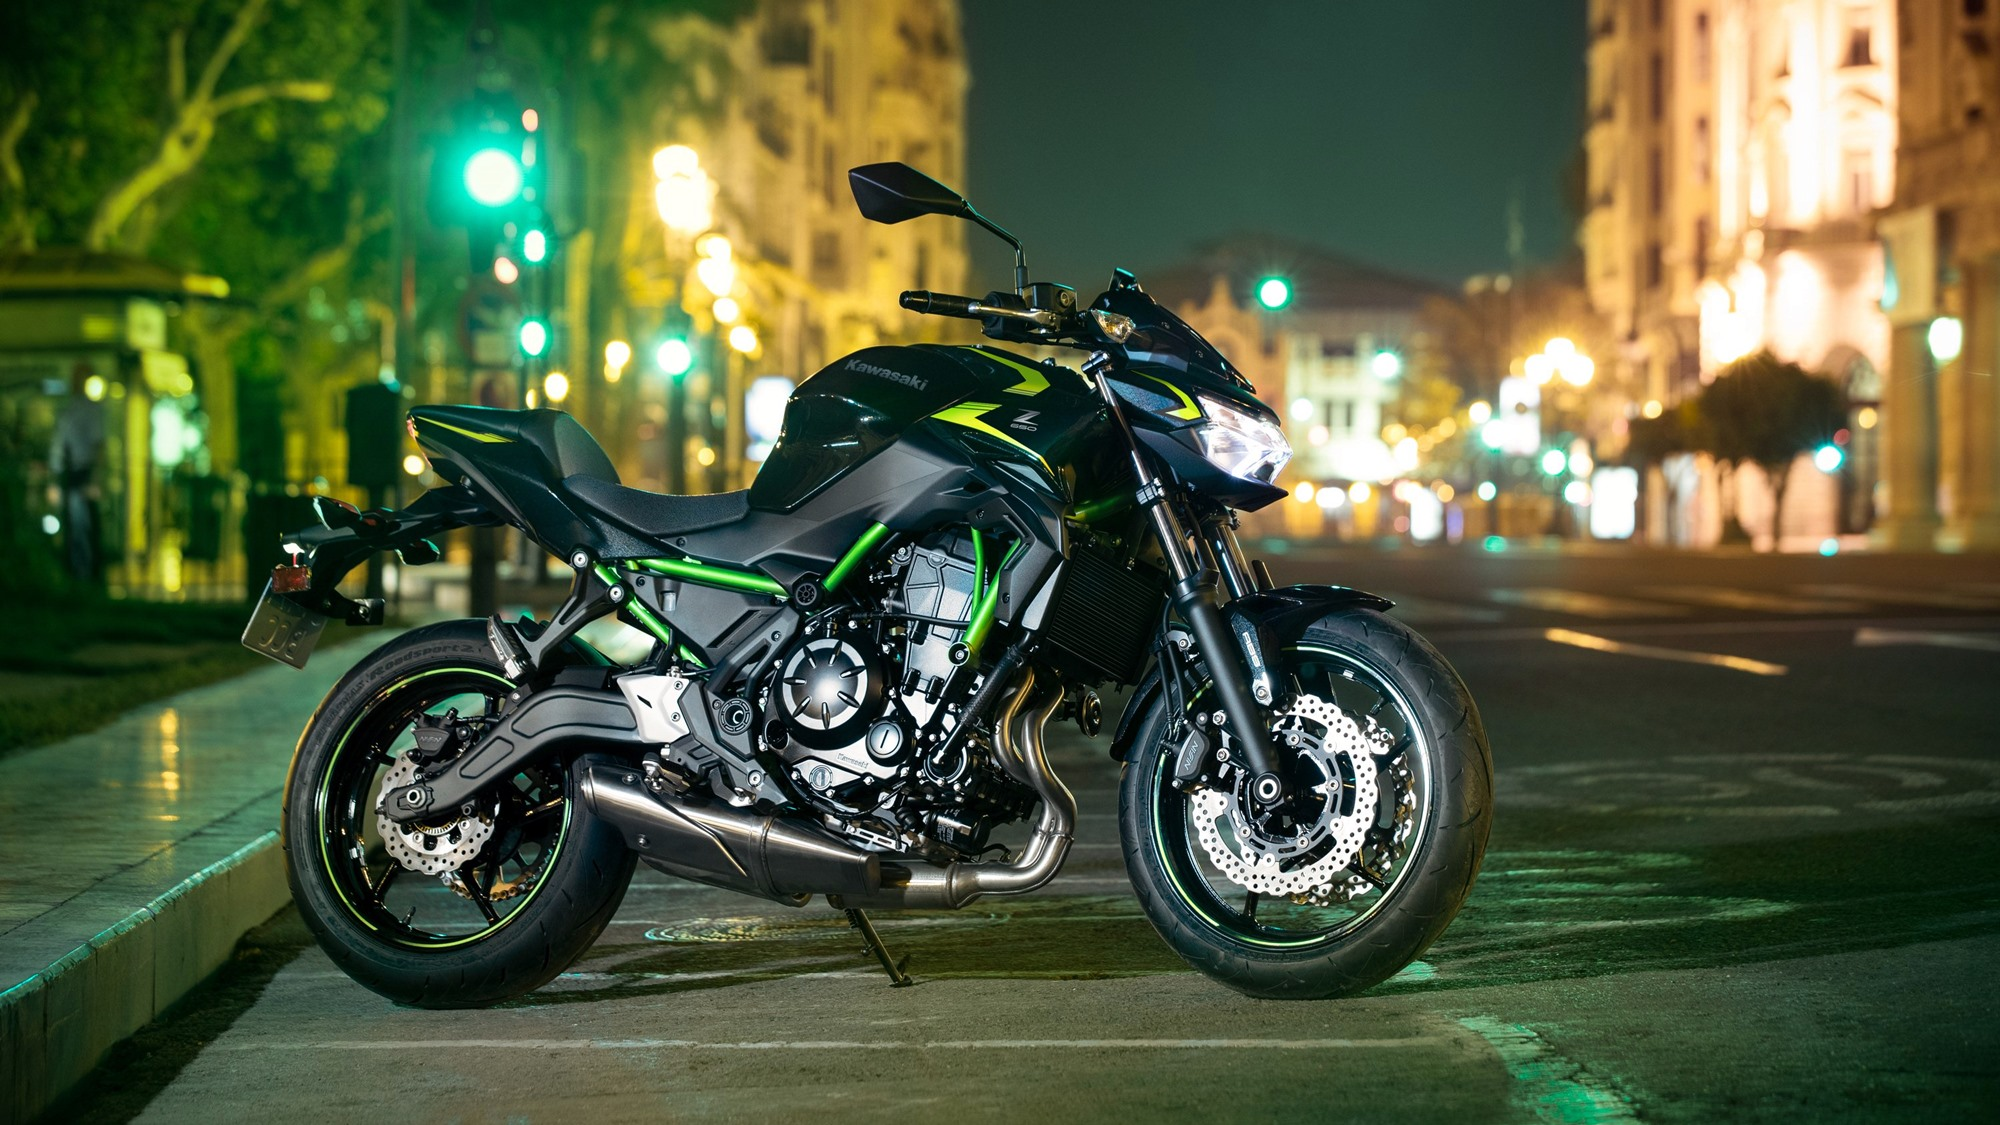 BS6 2022 Kawasaki Z650 priced at INR 6.24 lakh